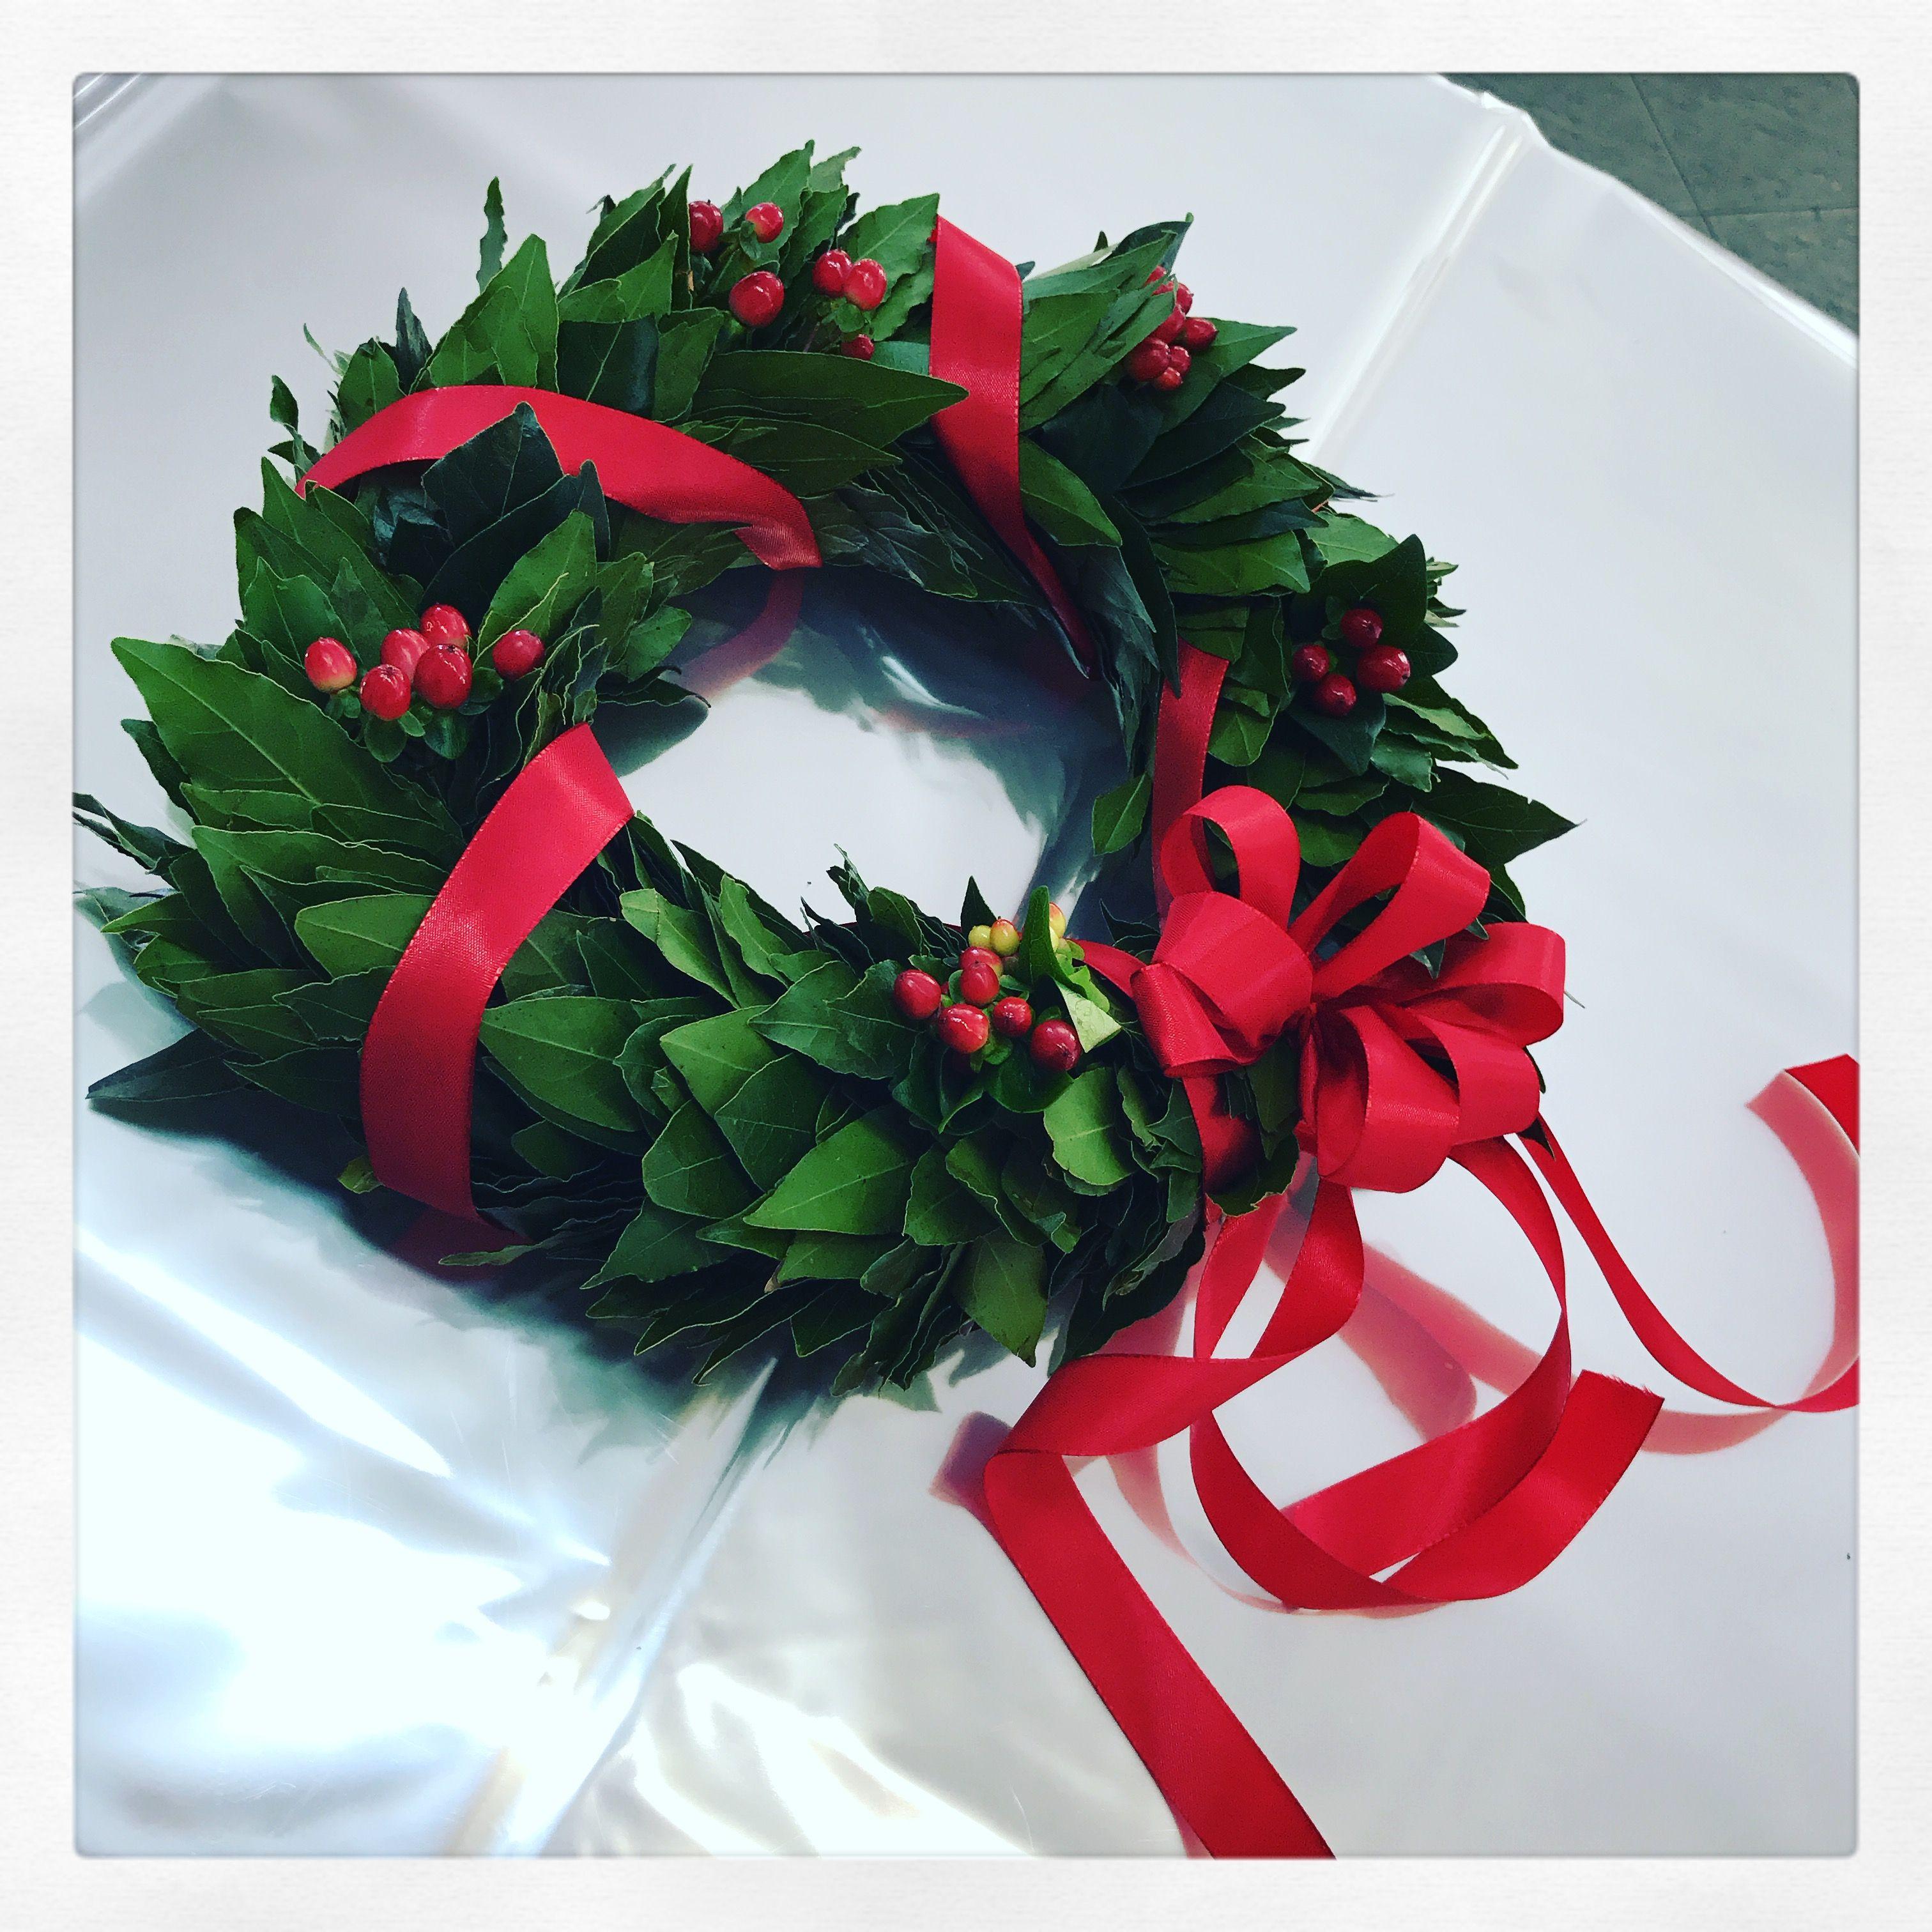 Corona Di Laurea Per Testa Con Bacche Rosse Laurea Christmas